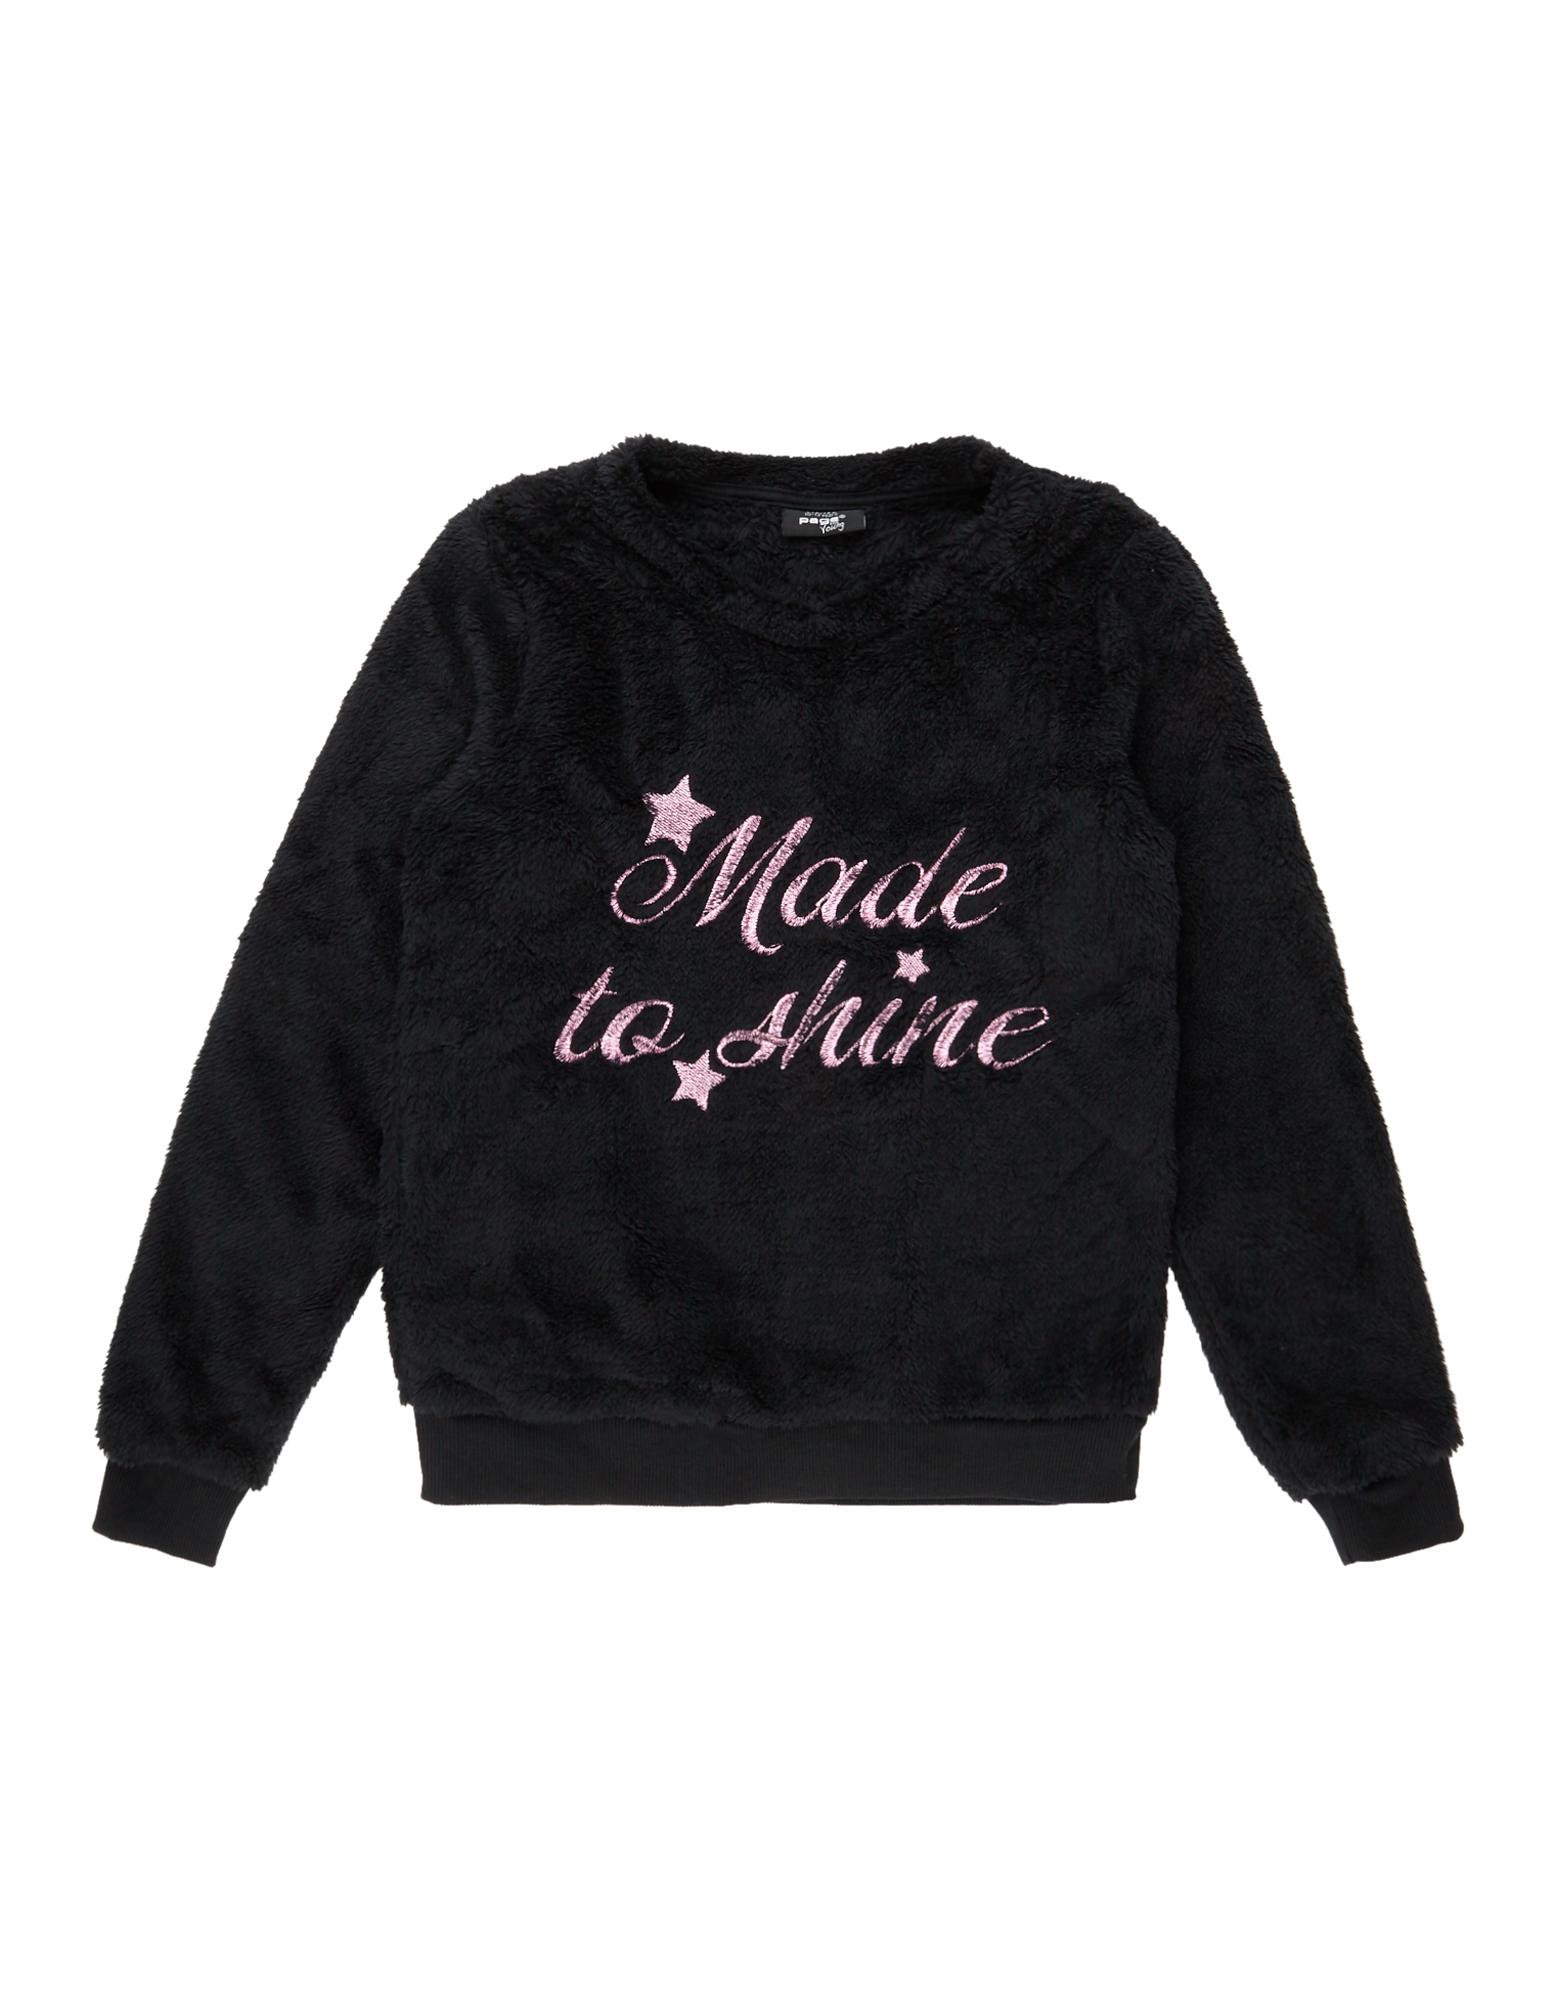 Mädchen Sweatshirt aus Teddy-Fleece  | 81486841800309